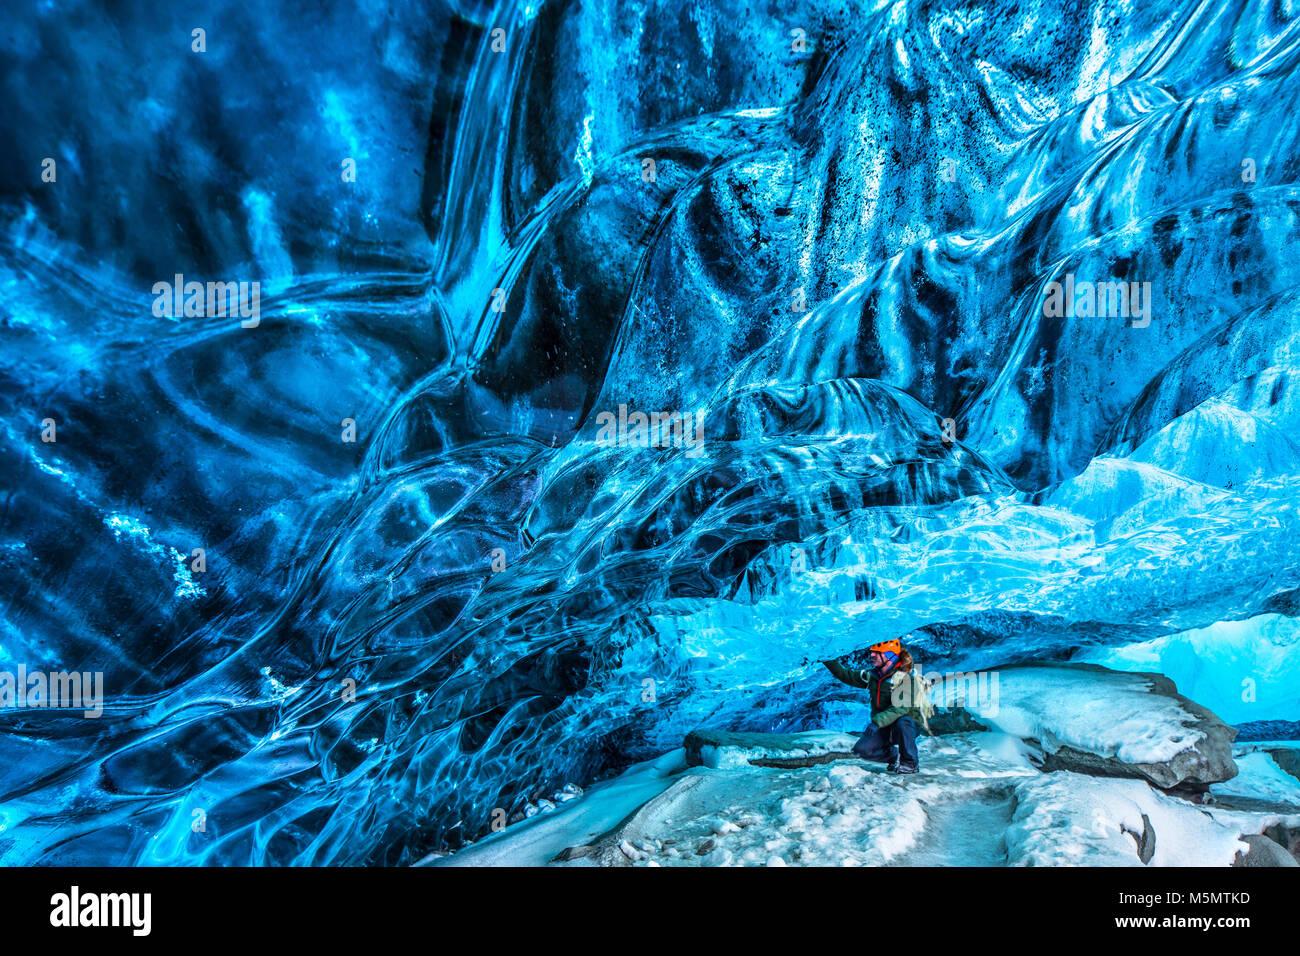 Turisti alla scoperta della grotta di ghiaccio, active traveler uomo godendo la bellezza di una grotta glaciale, Immagini Stock